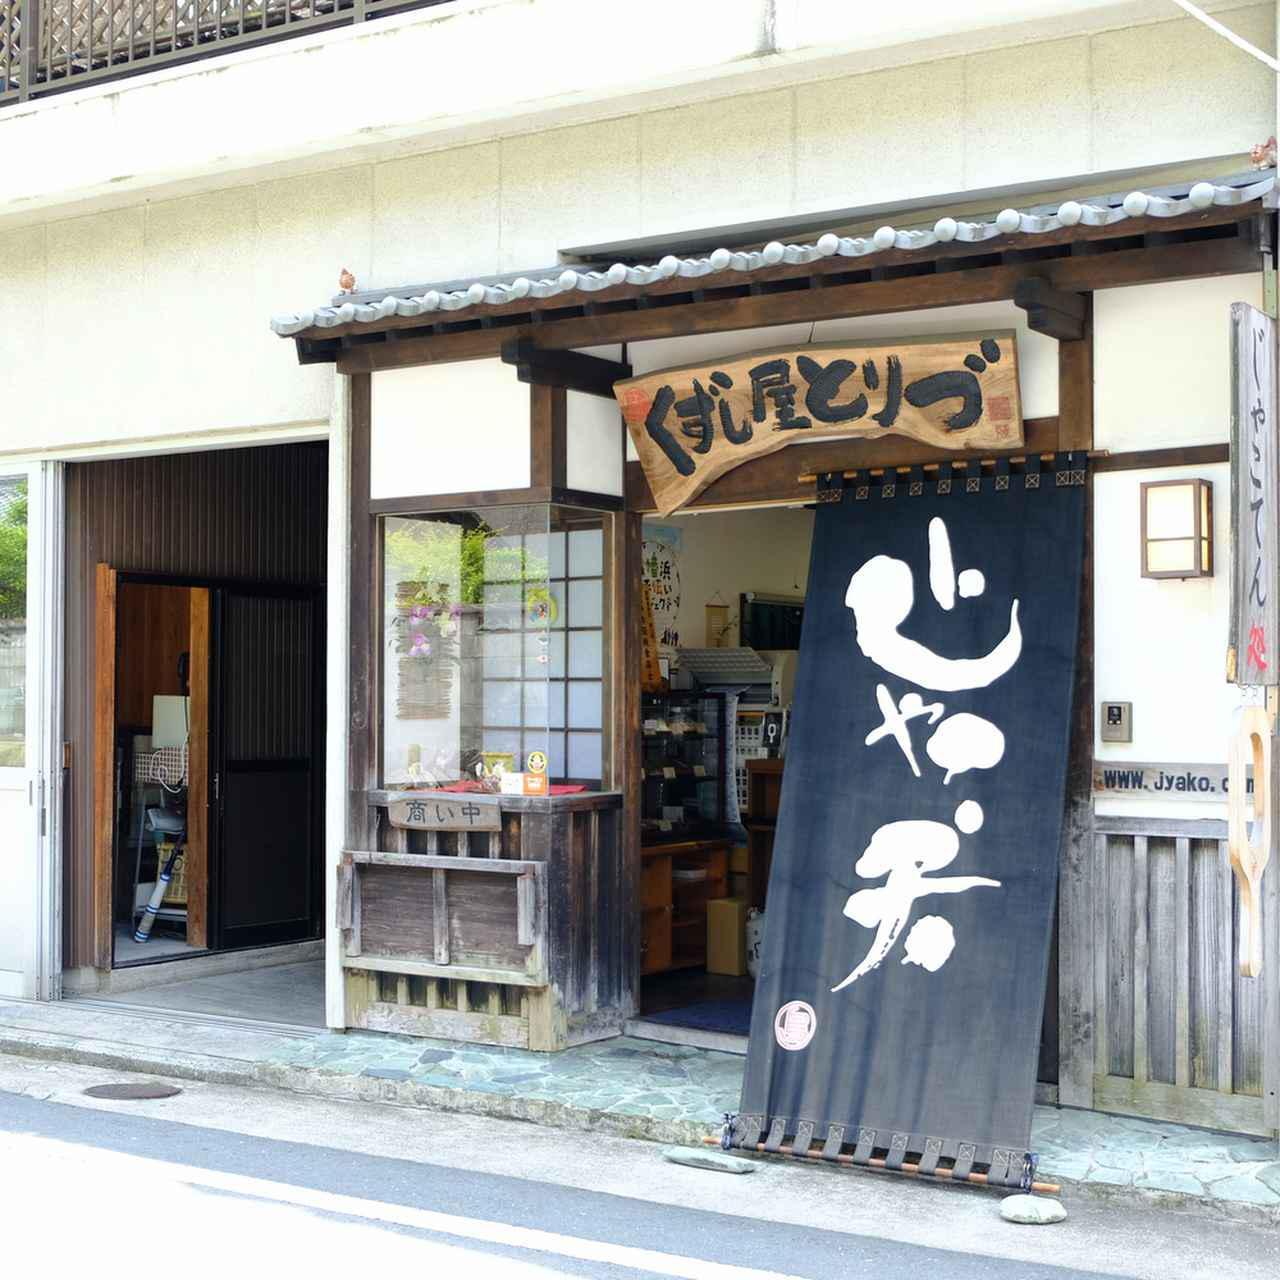 画像: 最初にお邪魔したのは駅から数分のところにある「くずし鳥津(鳥津蒲鉾店)」。